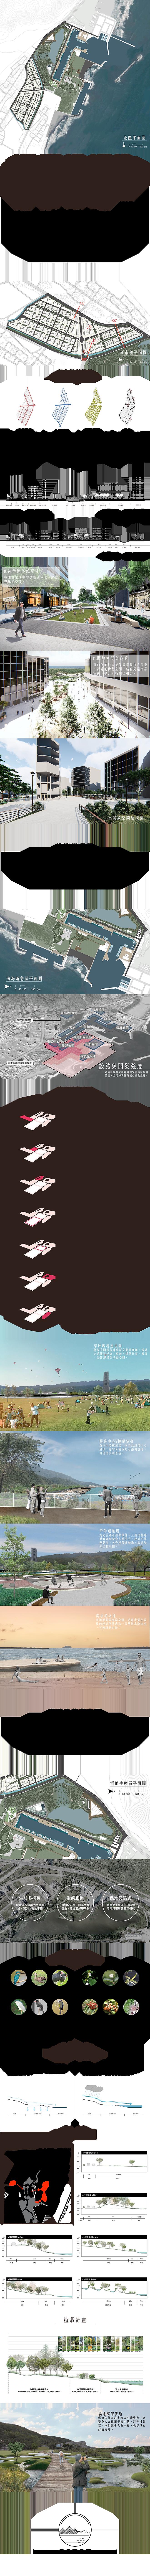 烏石港-作品內容2.png